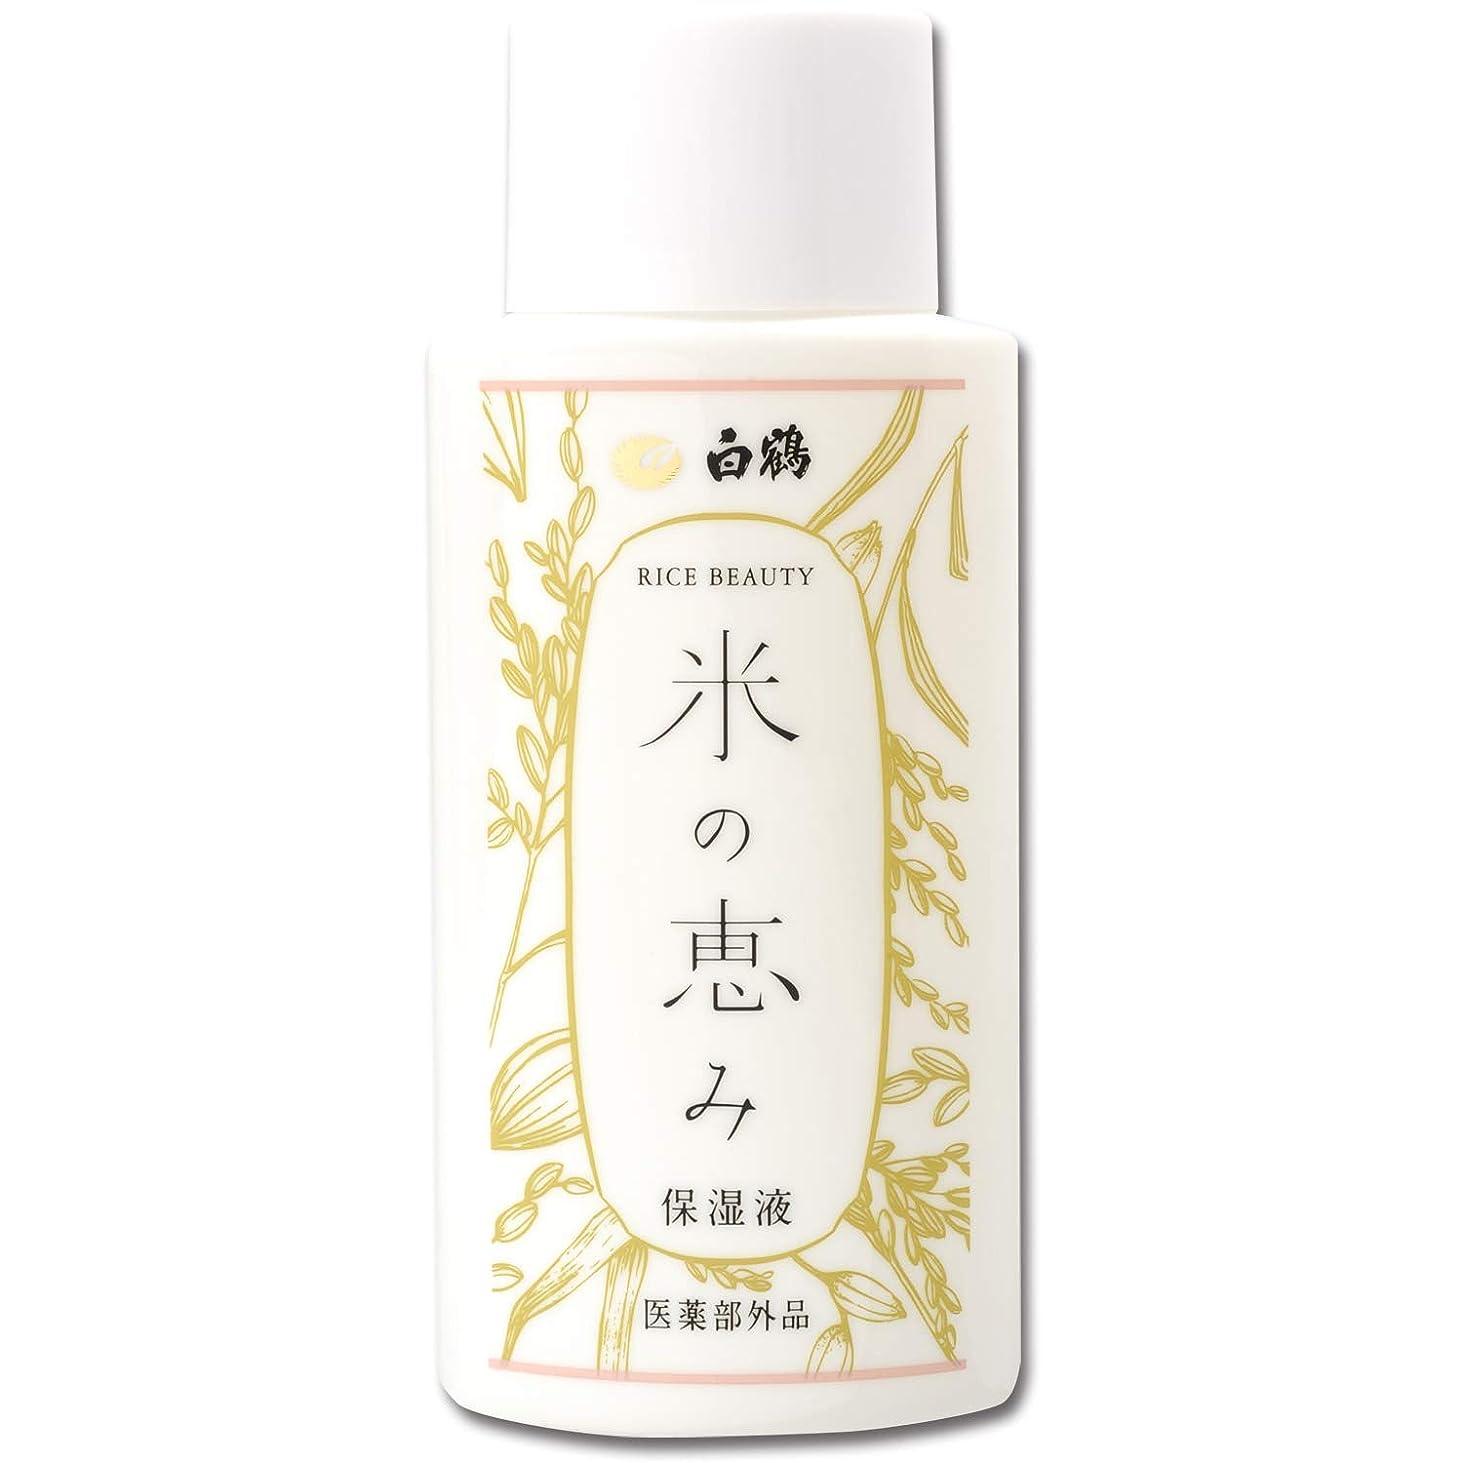 パンチさておき詳細に白鶴 ライスビューティー 米の恵み 保湿液 150ml(高保湿とろみ化粧水/医薬部外品)